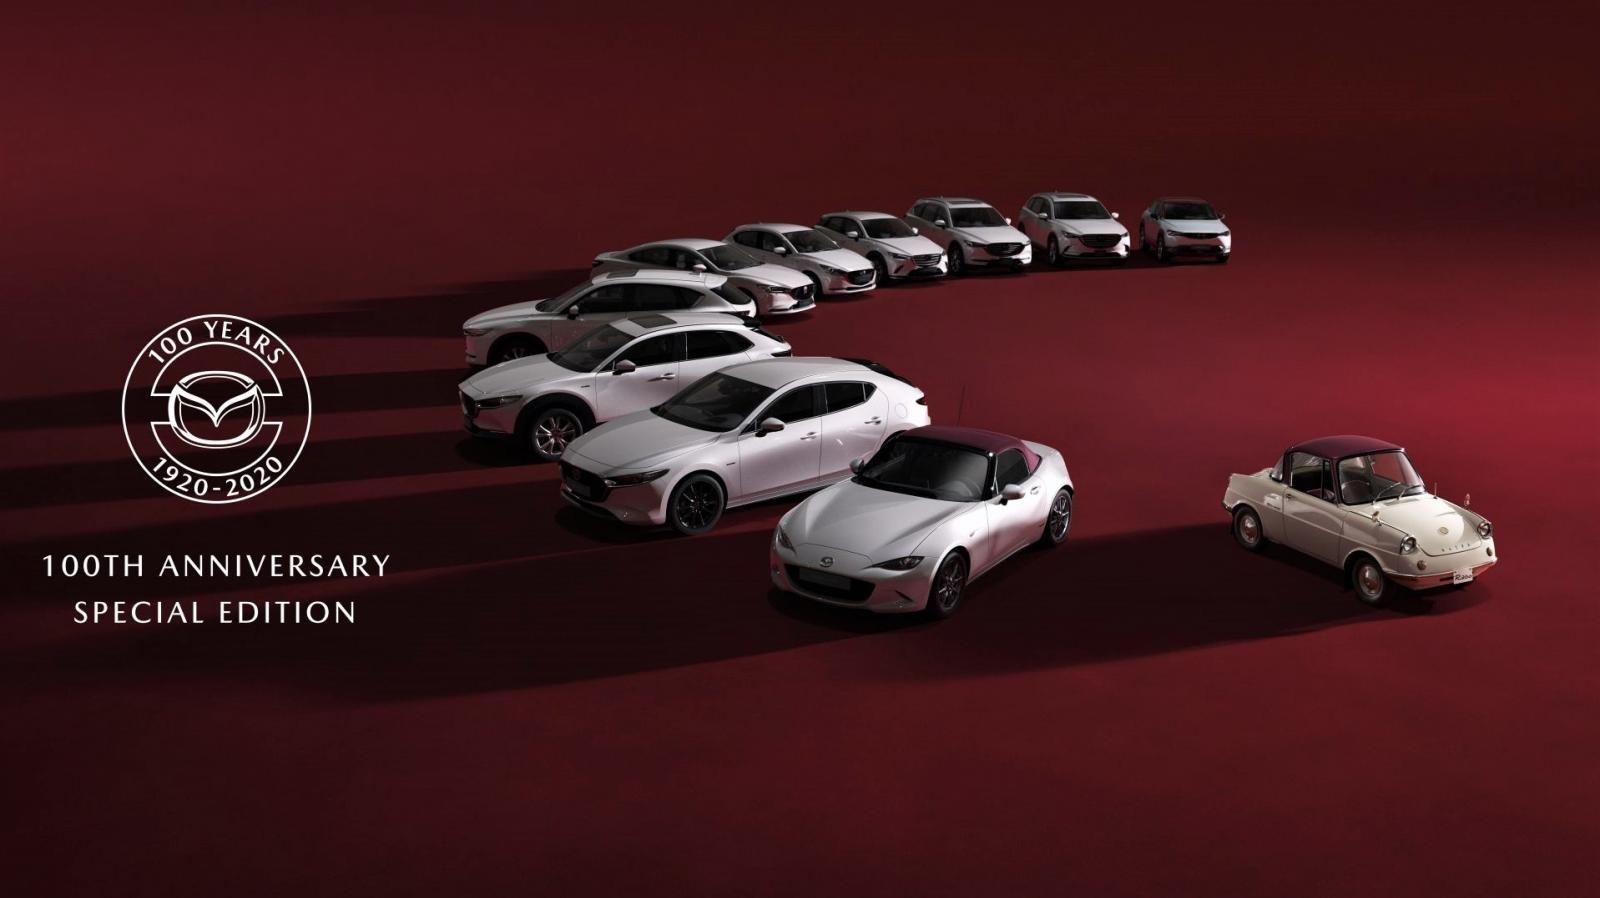 Bộ sưu tập đặc biệt kỷ niệm 100 năm thành lập Mazda 1